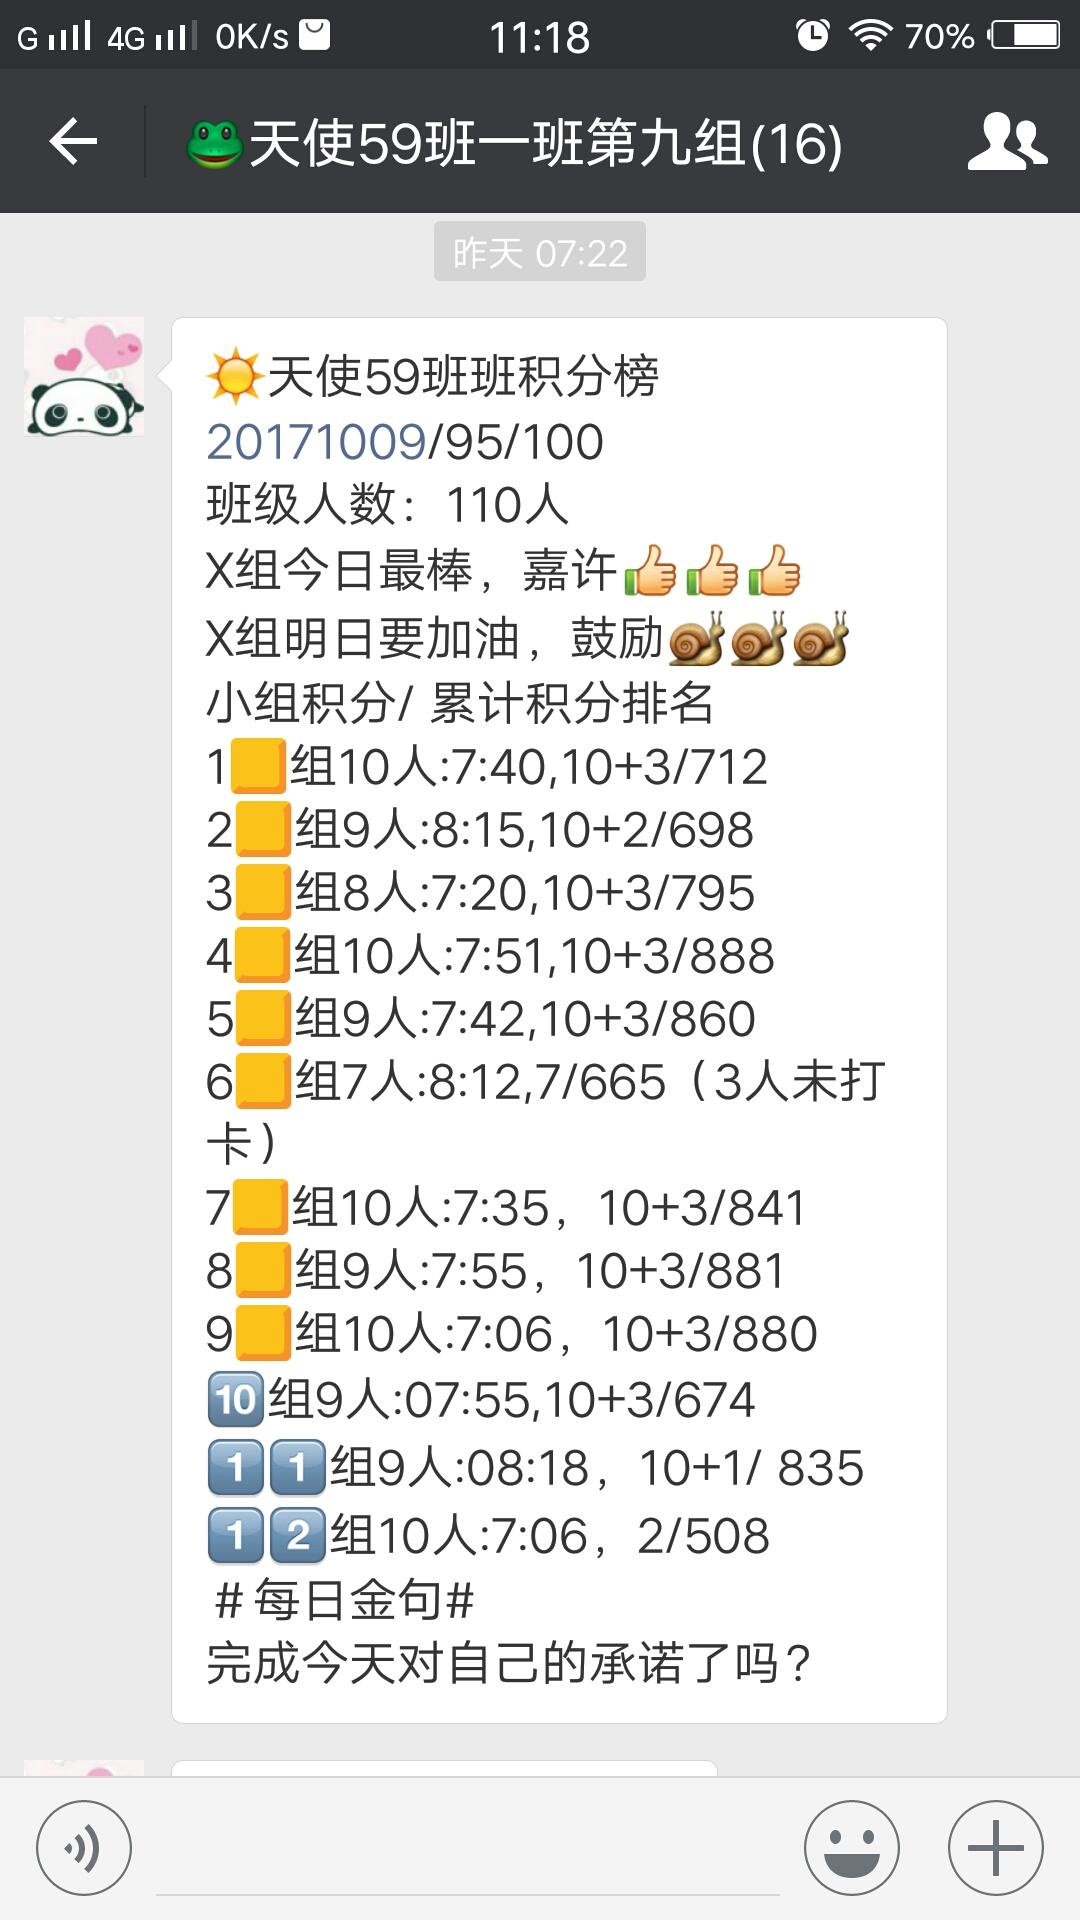 2017,10,10天使59班第9组最后一期小组会议记录